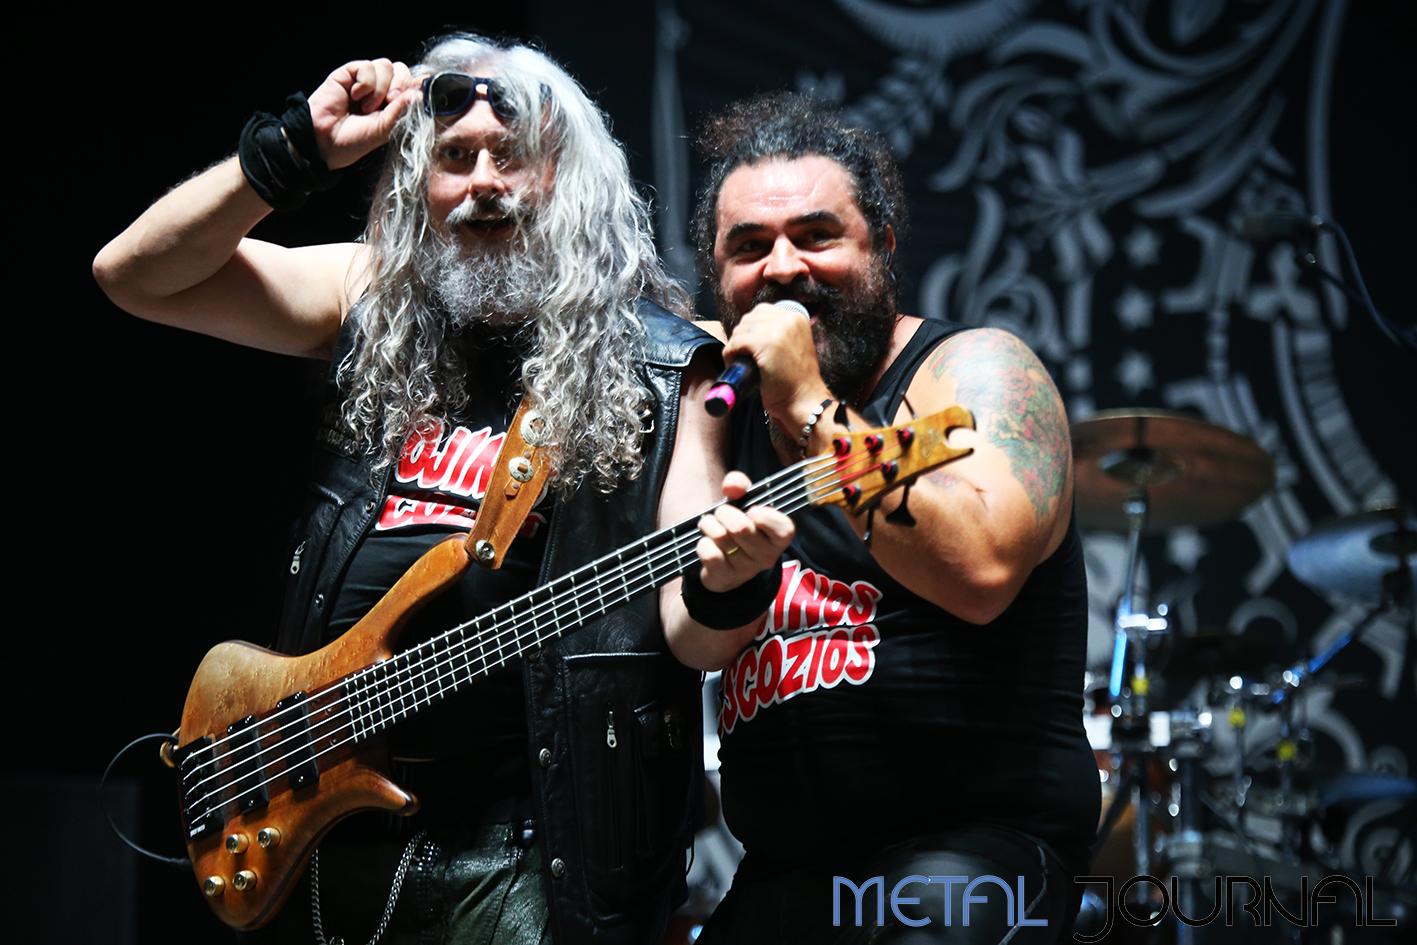 mojinos escozios - leyendas del rock 2019 metal journal pic 1